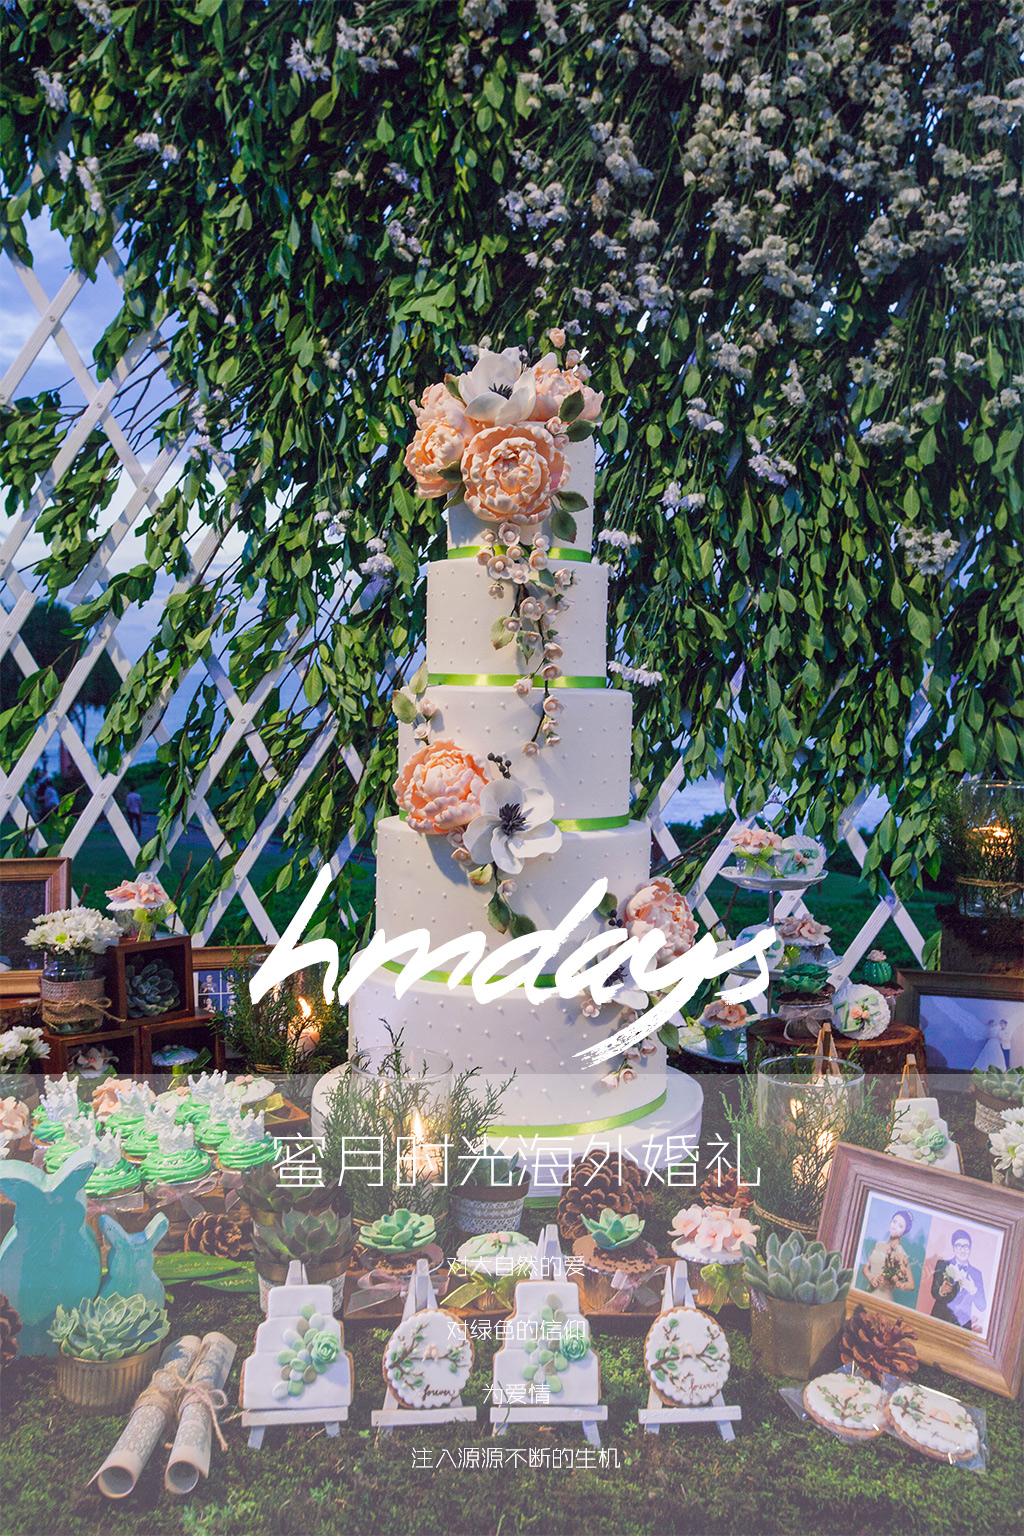 绿色生机盎然的巴厘岛婚礼甜品台|海外婚礼甜品台设计案例|海外婚礼定制中高端布置案例|巴厘岛婚礼布置定制案例